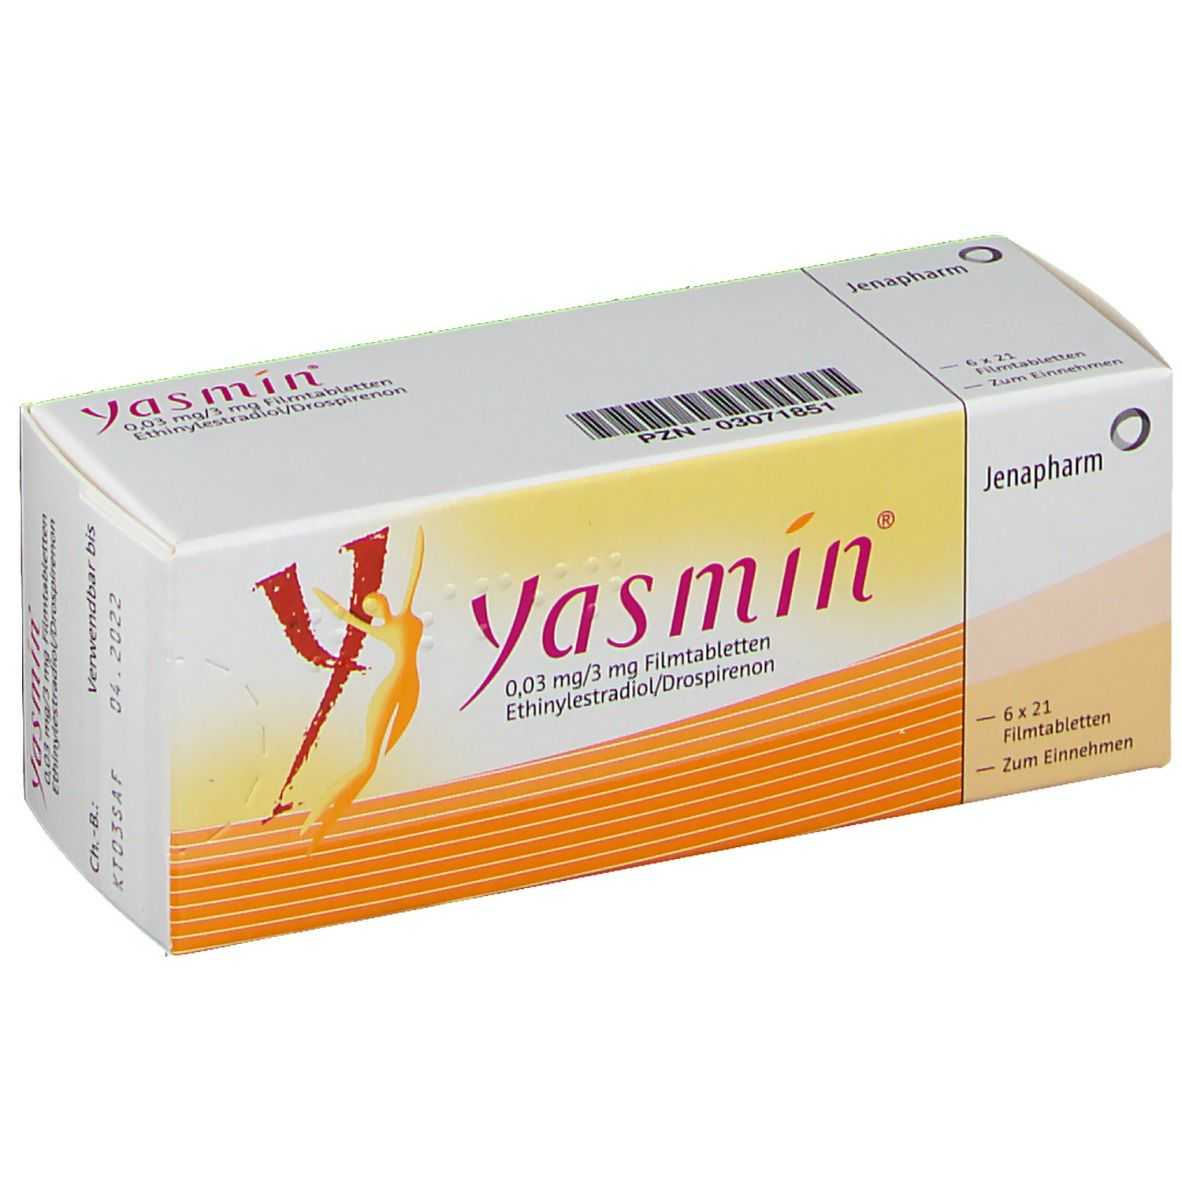 Wirksame Pillen zum sofortigen Abnehmen erholen sich